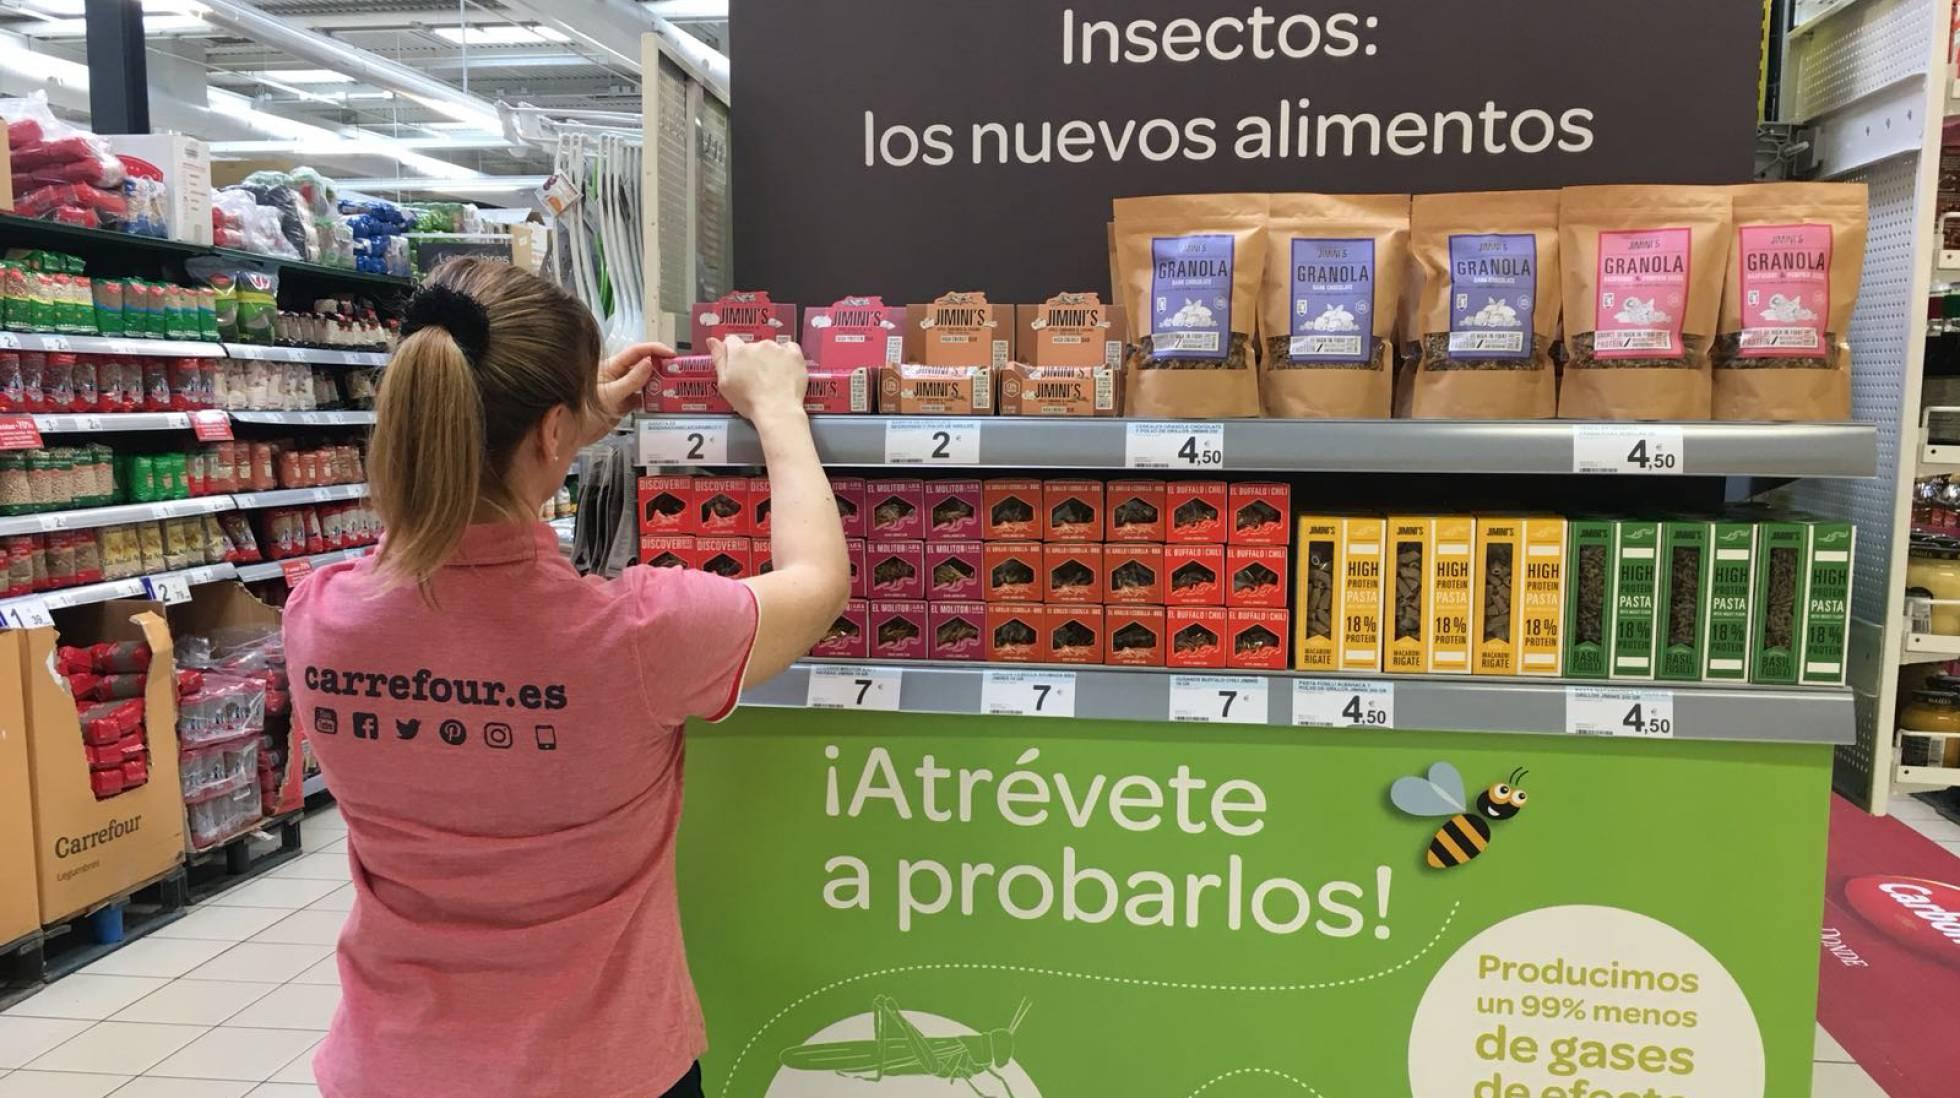 Carrefour se convierte en un supermercado pionero al vender insectos ...